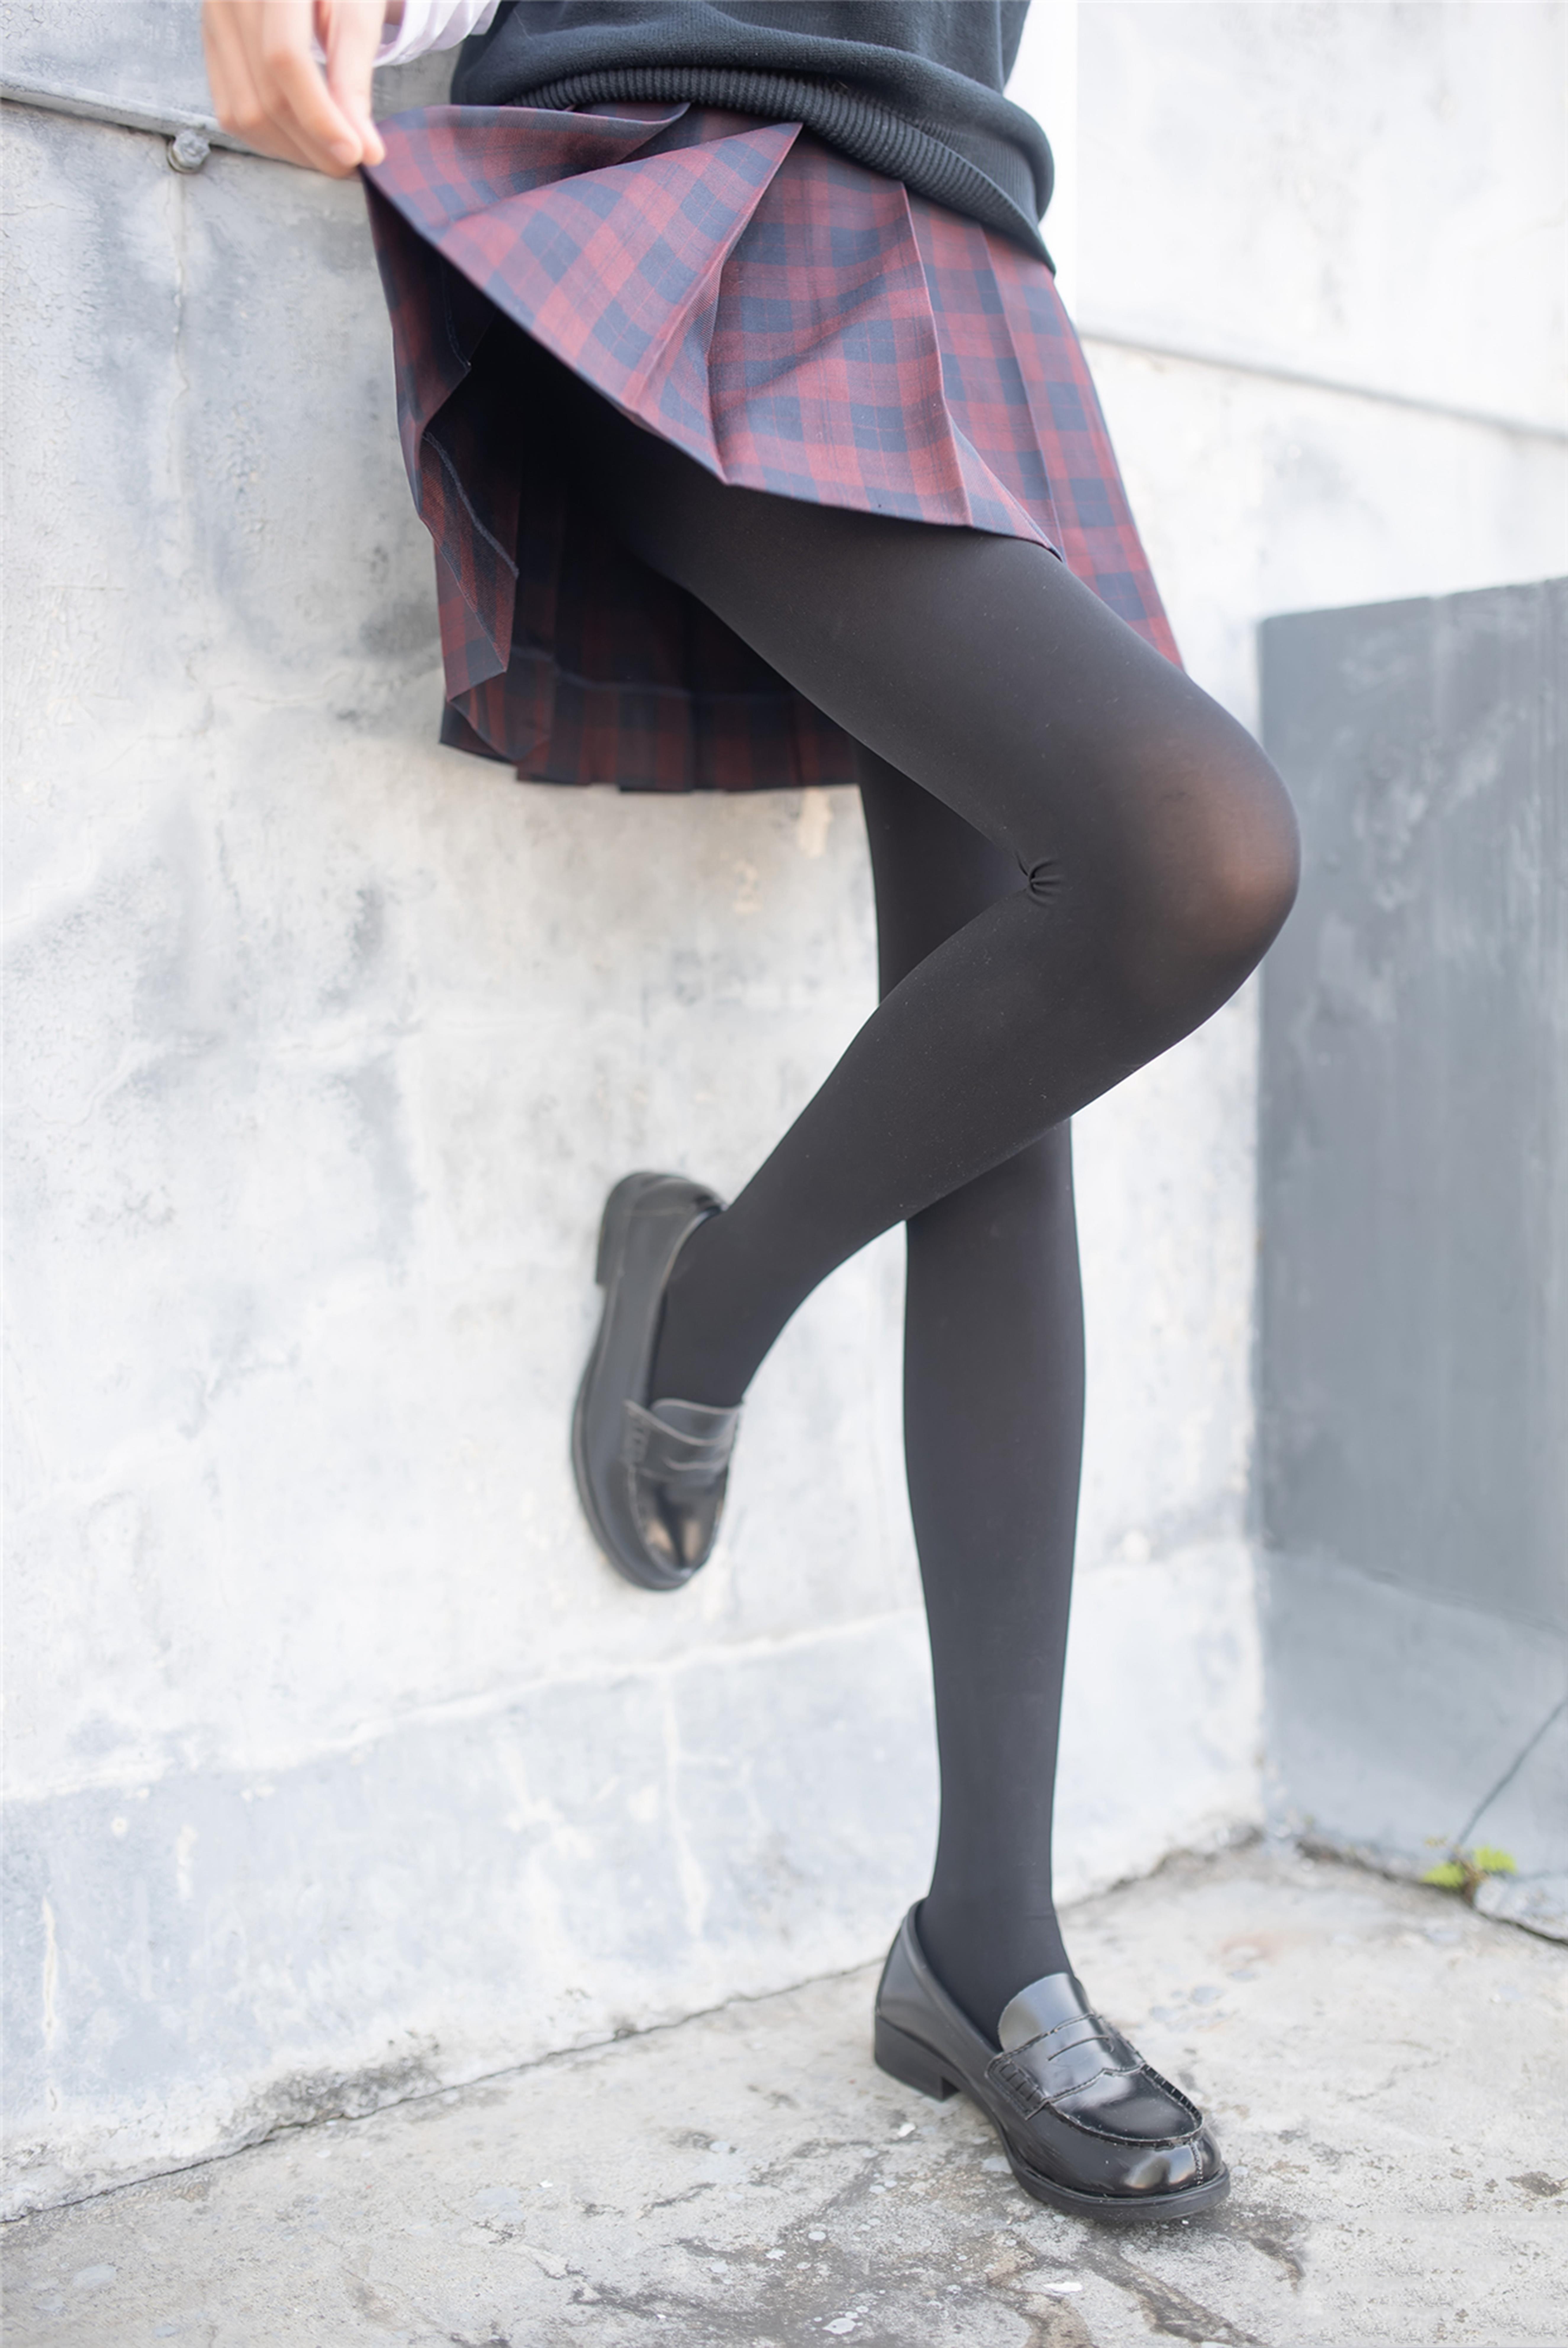 【风之领域0020】一双美腿走天下,美少女纯黑丝袜太诱人,网友狂喊需要纸巾!!!-蜜桃畅享